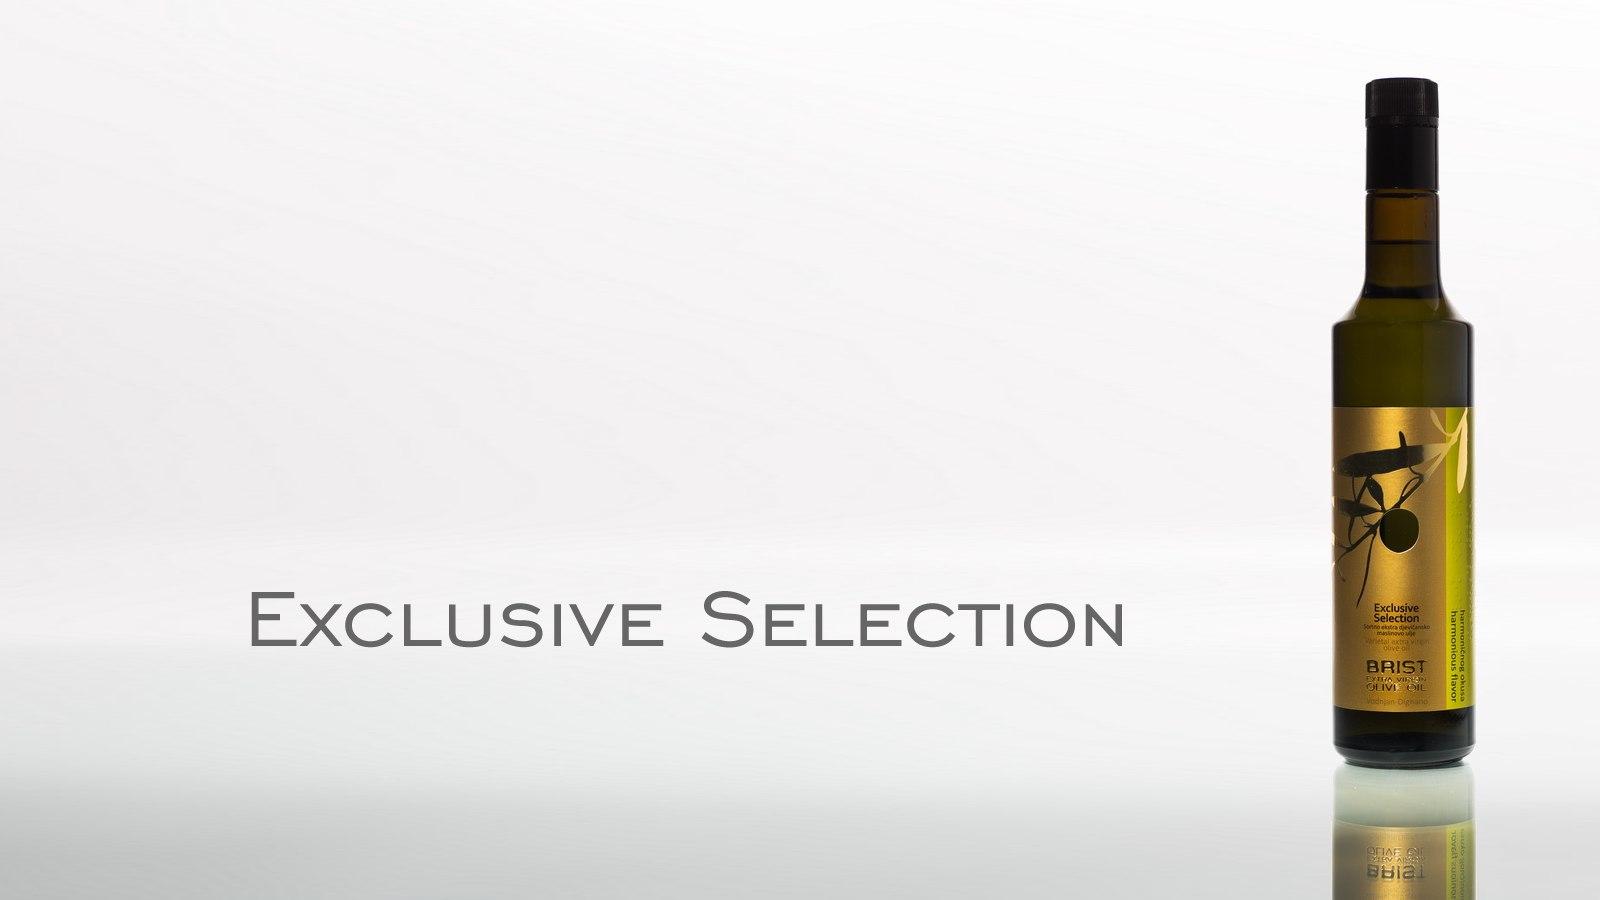 Uno Exclusive